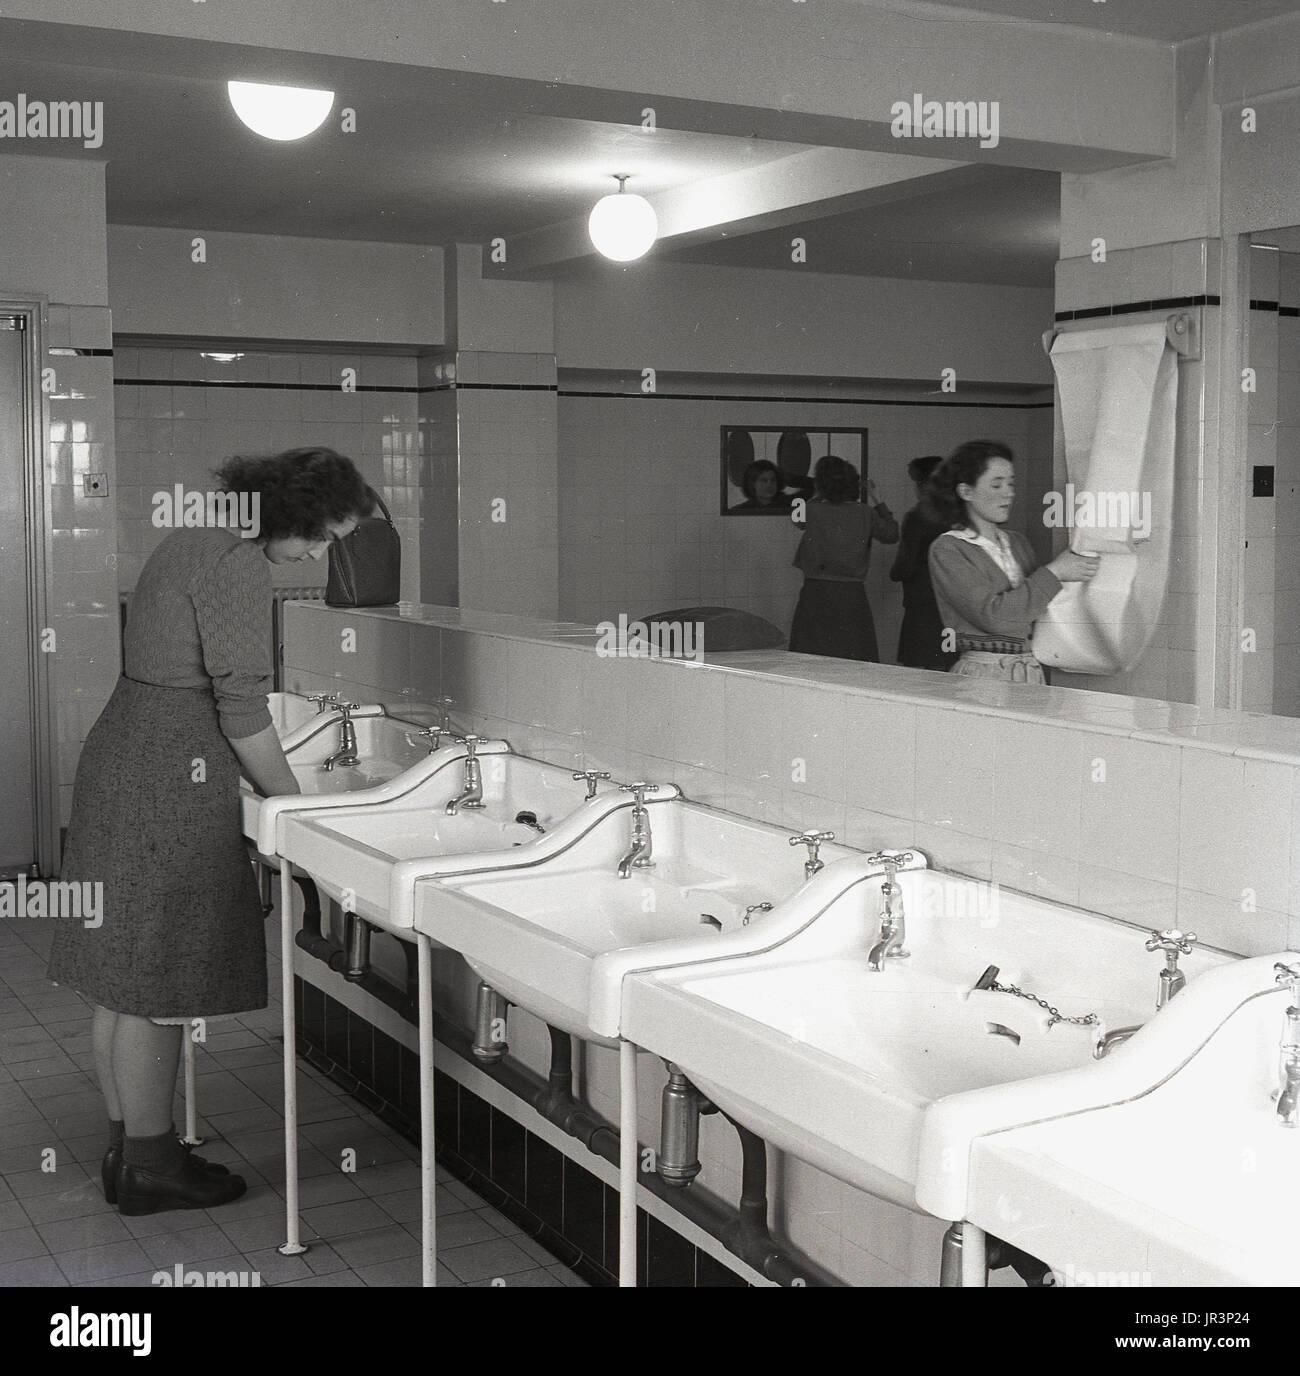 Gentil 1950, England, Junge Erwachsene Weibchen Reinigung Ihre Hände In Großen  Waschbecken Und Ihr Aussehen In Einem Spiegel Kontrolle In Einem Gefliesten  ...